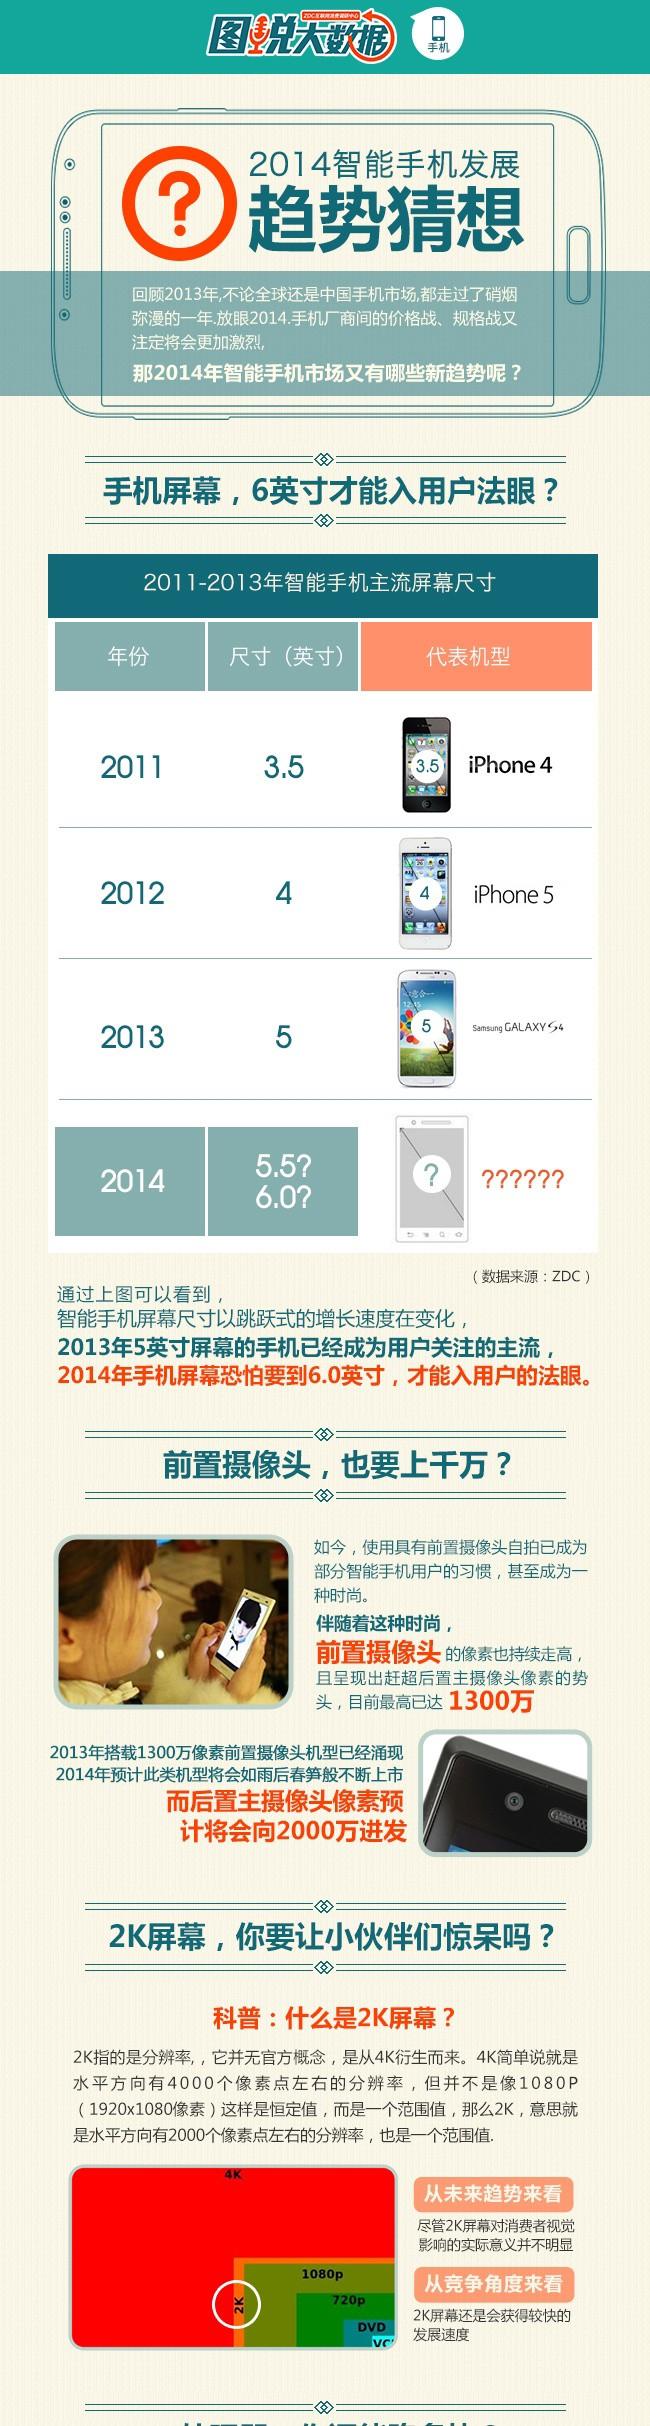 2014年智能手机趋势猜想